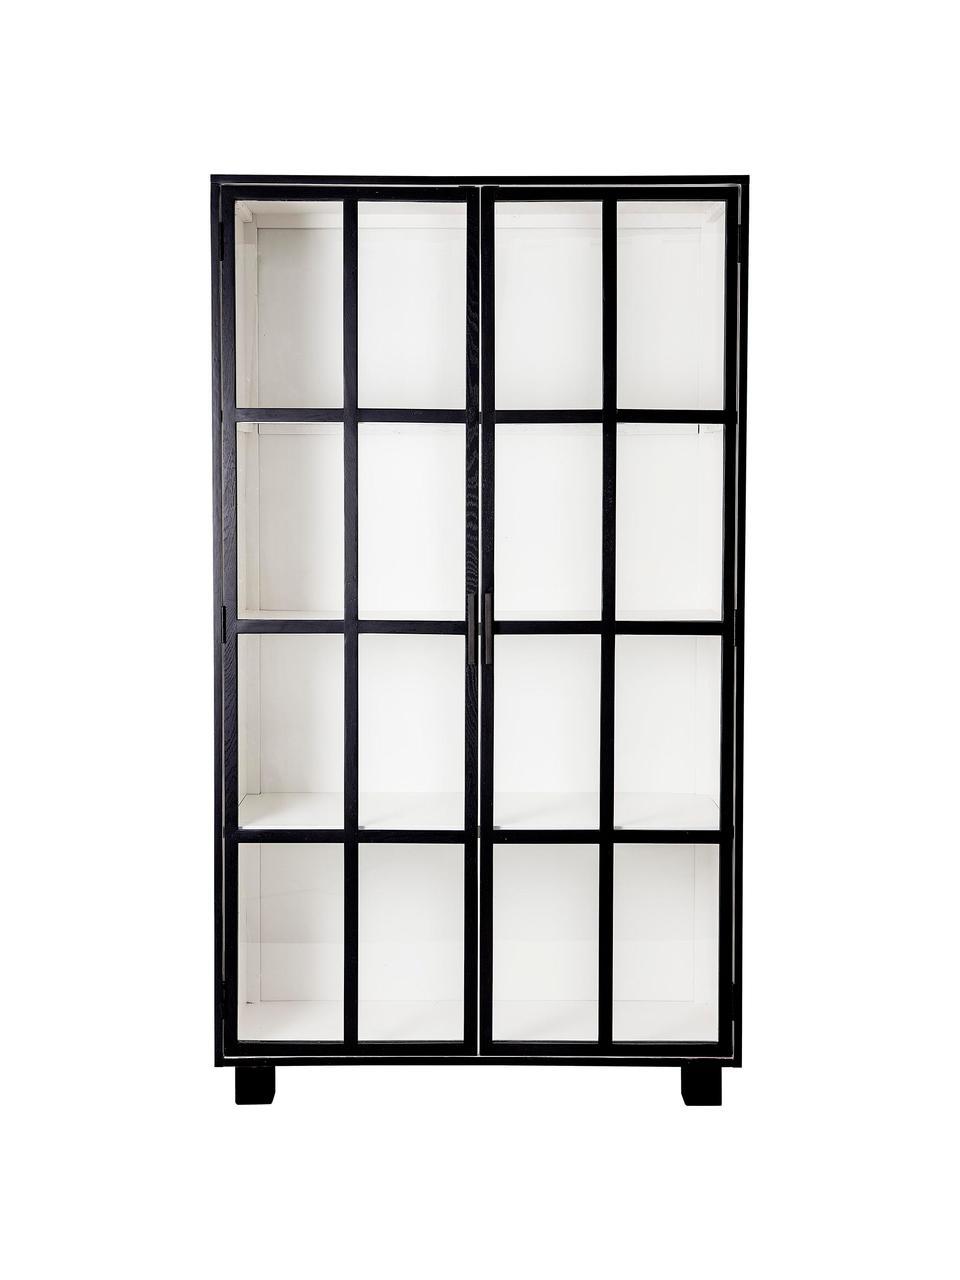 Vitrinenschrank Isbel mit Glastüren in Schwarz, Korpus: Mitteldichte Holzfaserpla, Schwarz, Weiß, 114 x 200 cm